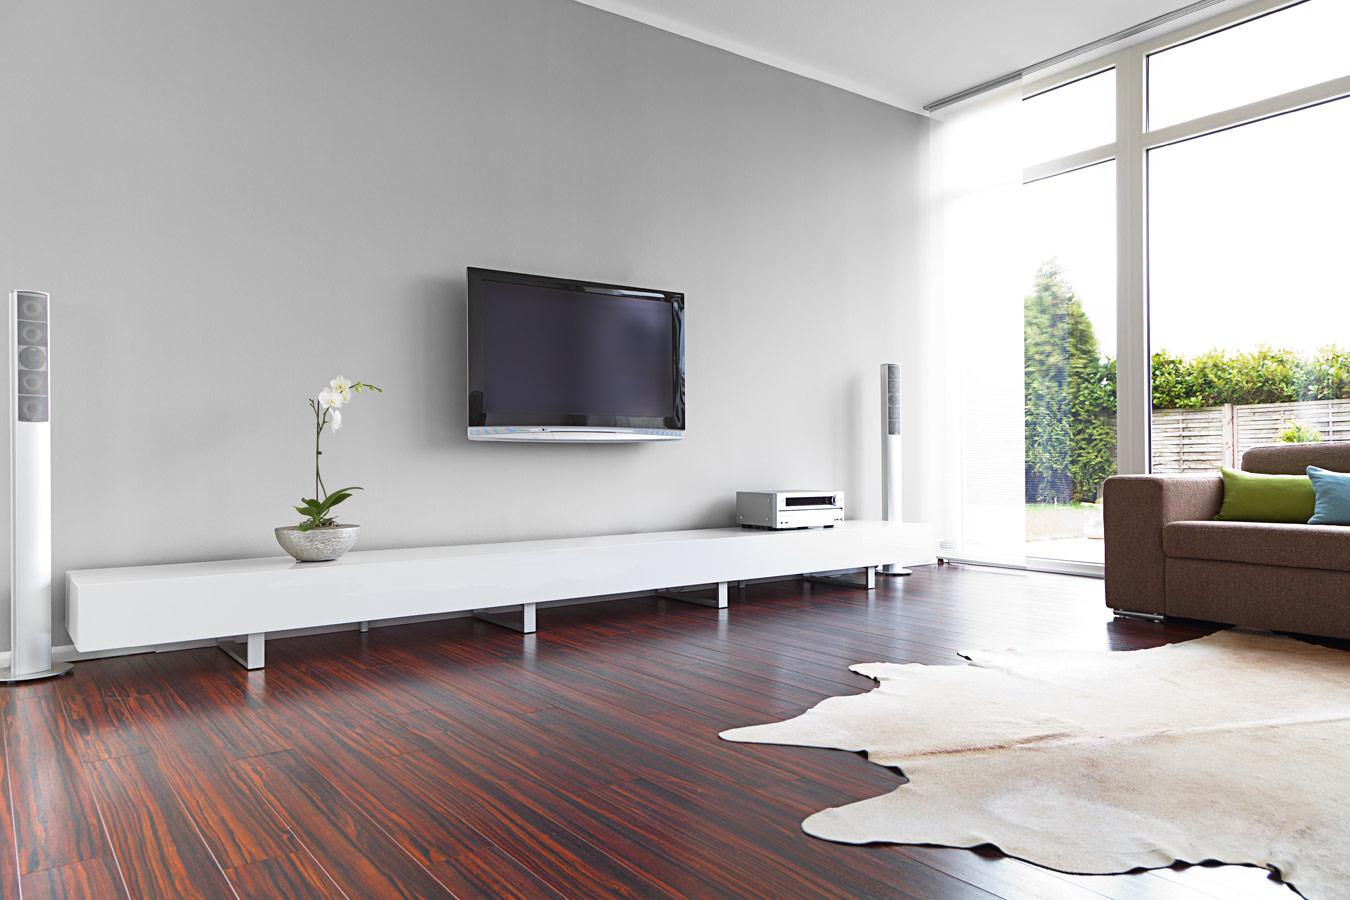 Welke vloeren zijn geschikt voor vloerverwarming? overzicht